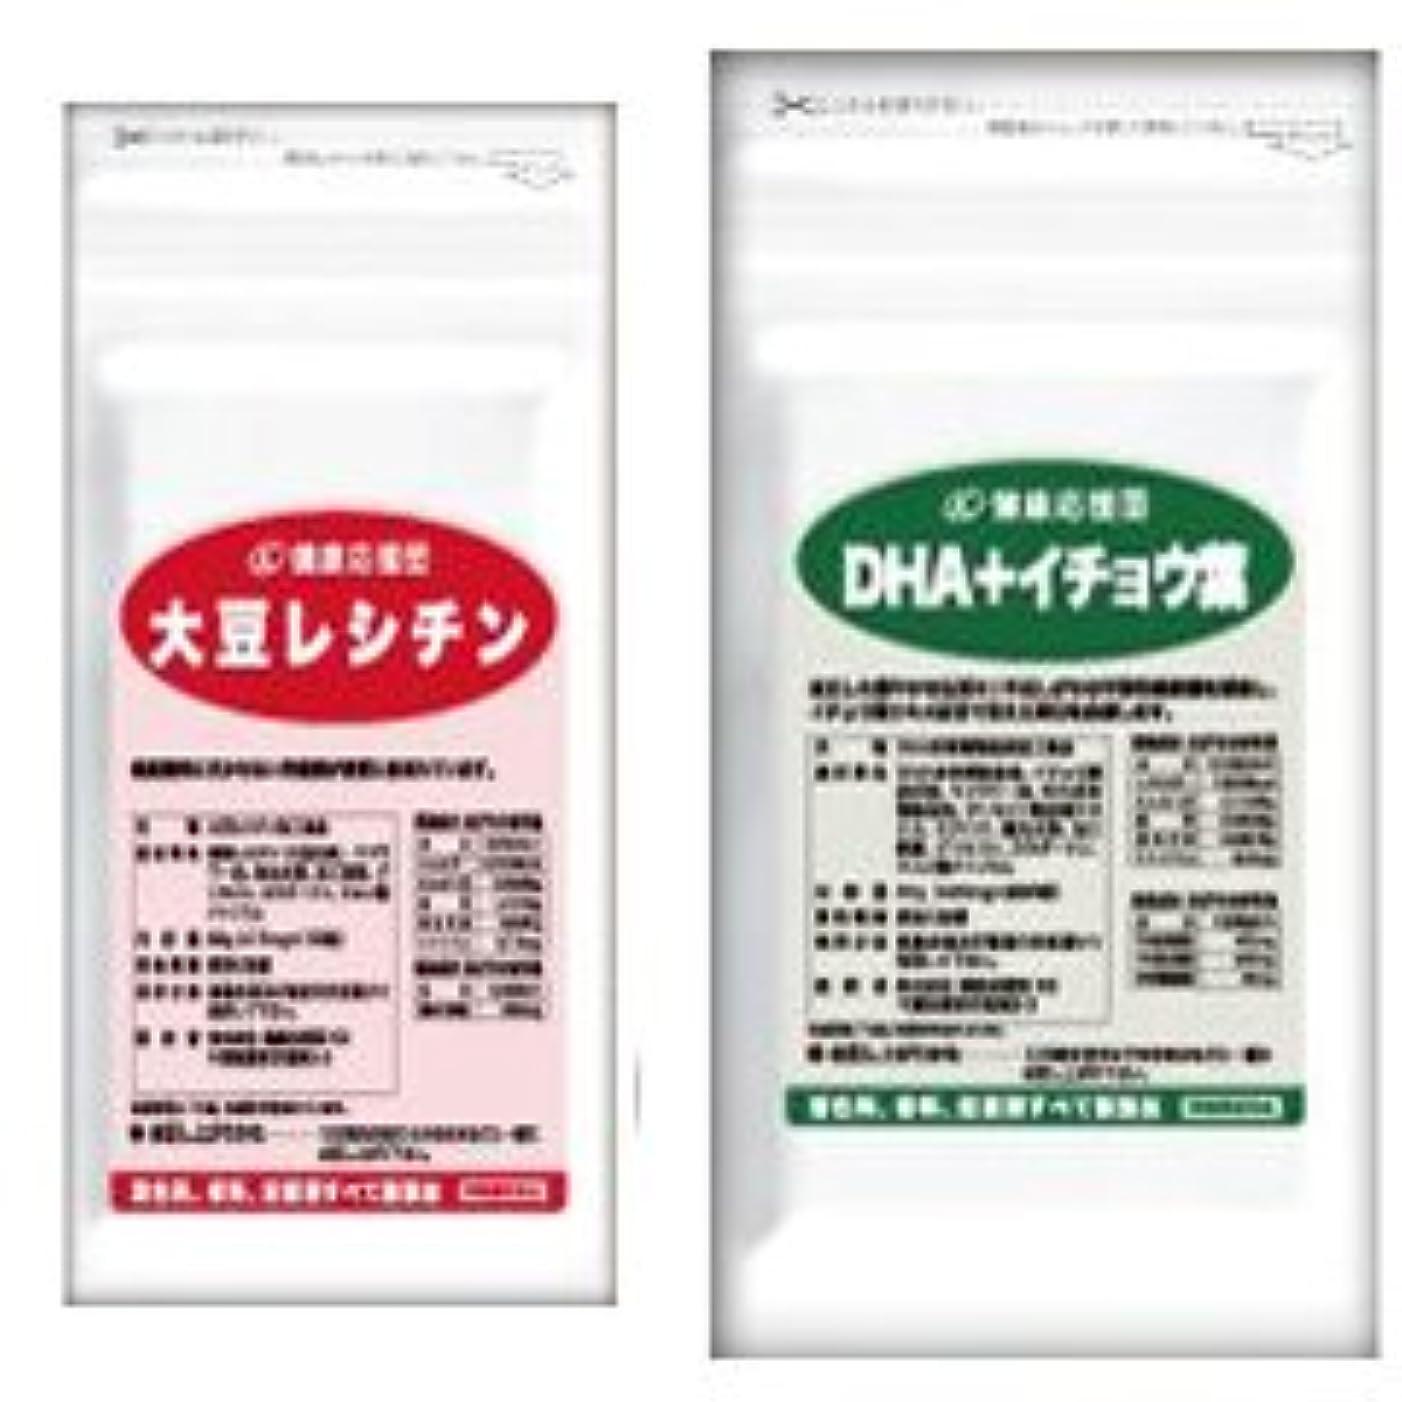 プラスチック確率ペナルティ(お徳用3か月分)流れサラサラセット 大豆レシチン+(DHA+イチョウ葉)3袋&3袋セット(DHA?EPA?イチョウ葉)